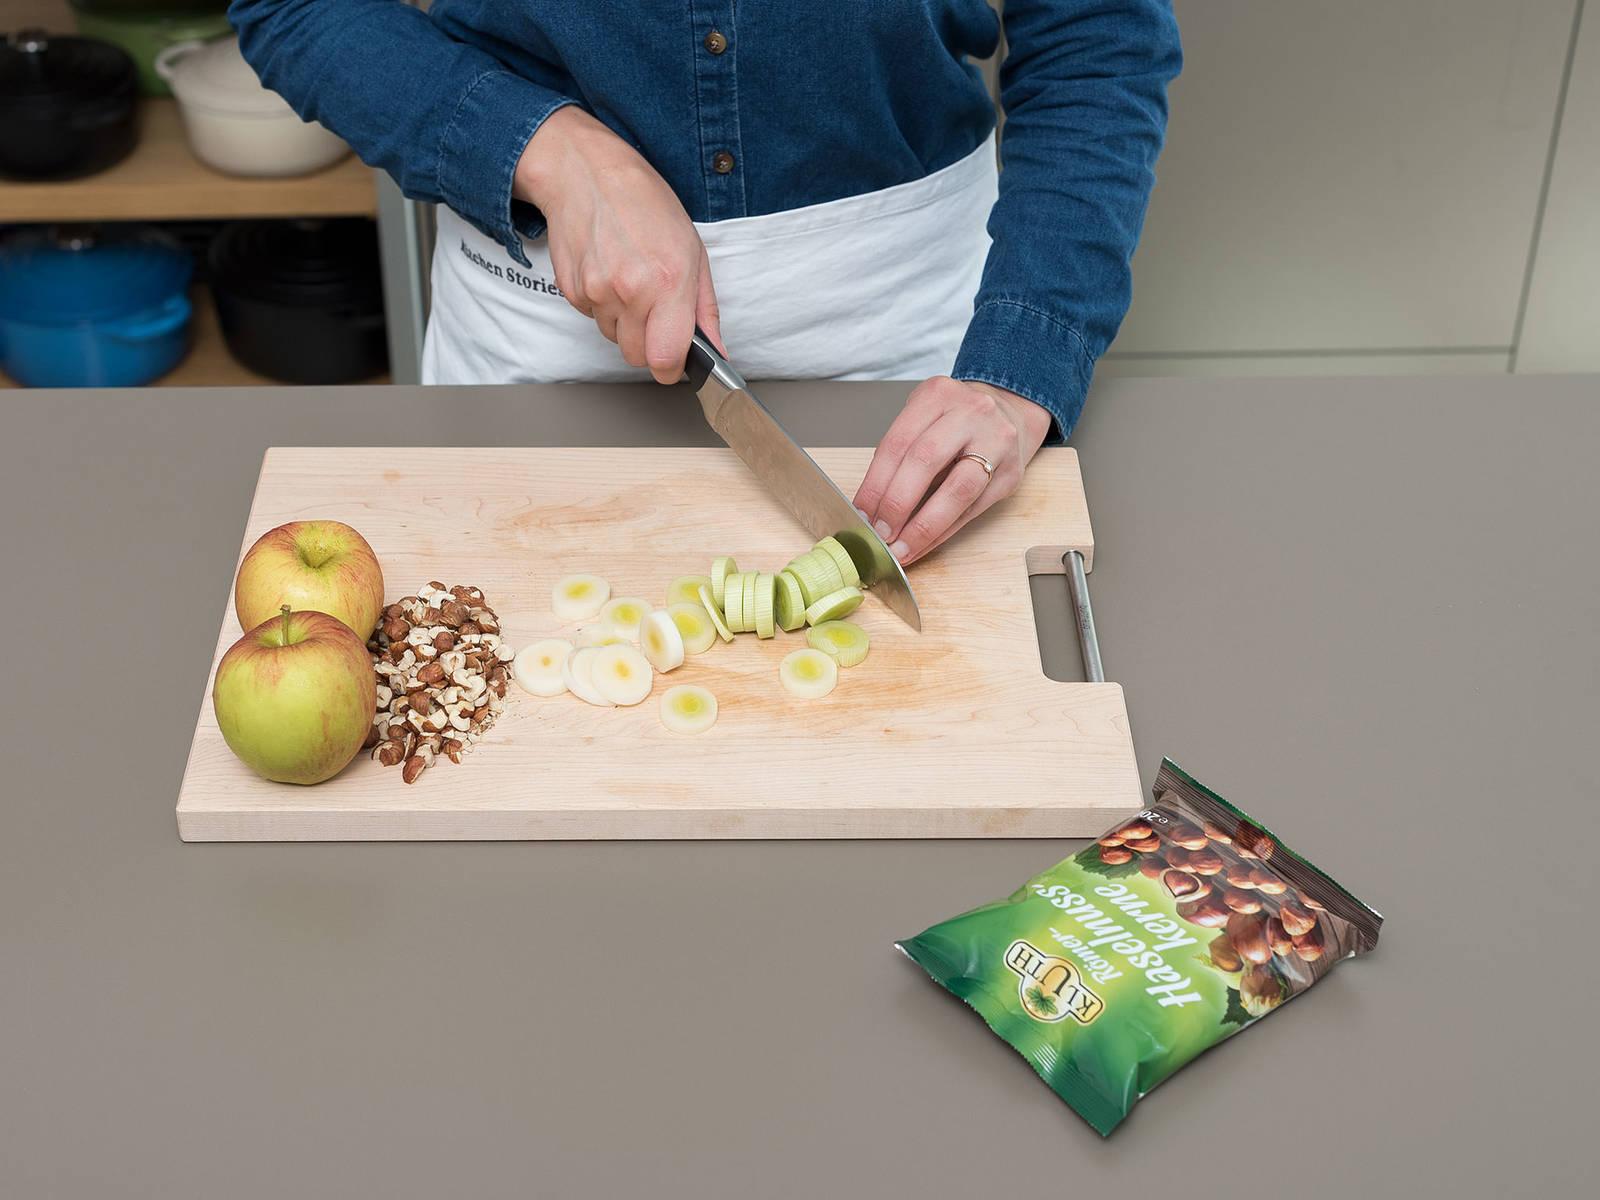 将烤箱预热至200℃。清洗韭葱,切成小段。苹果去核并切丁。榛子剁碎后置于一旁。将鸡蛋和酸奶油搅打混合,加盐与胡椒调味。